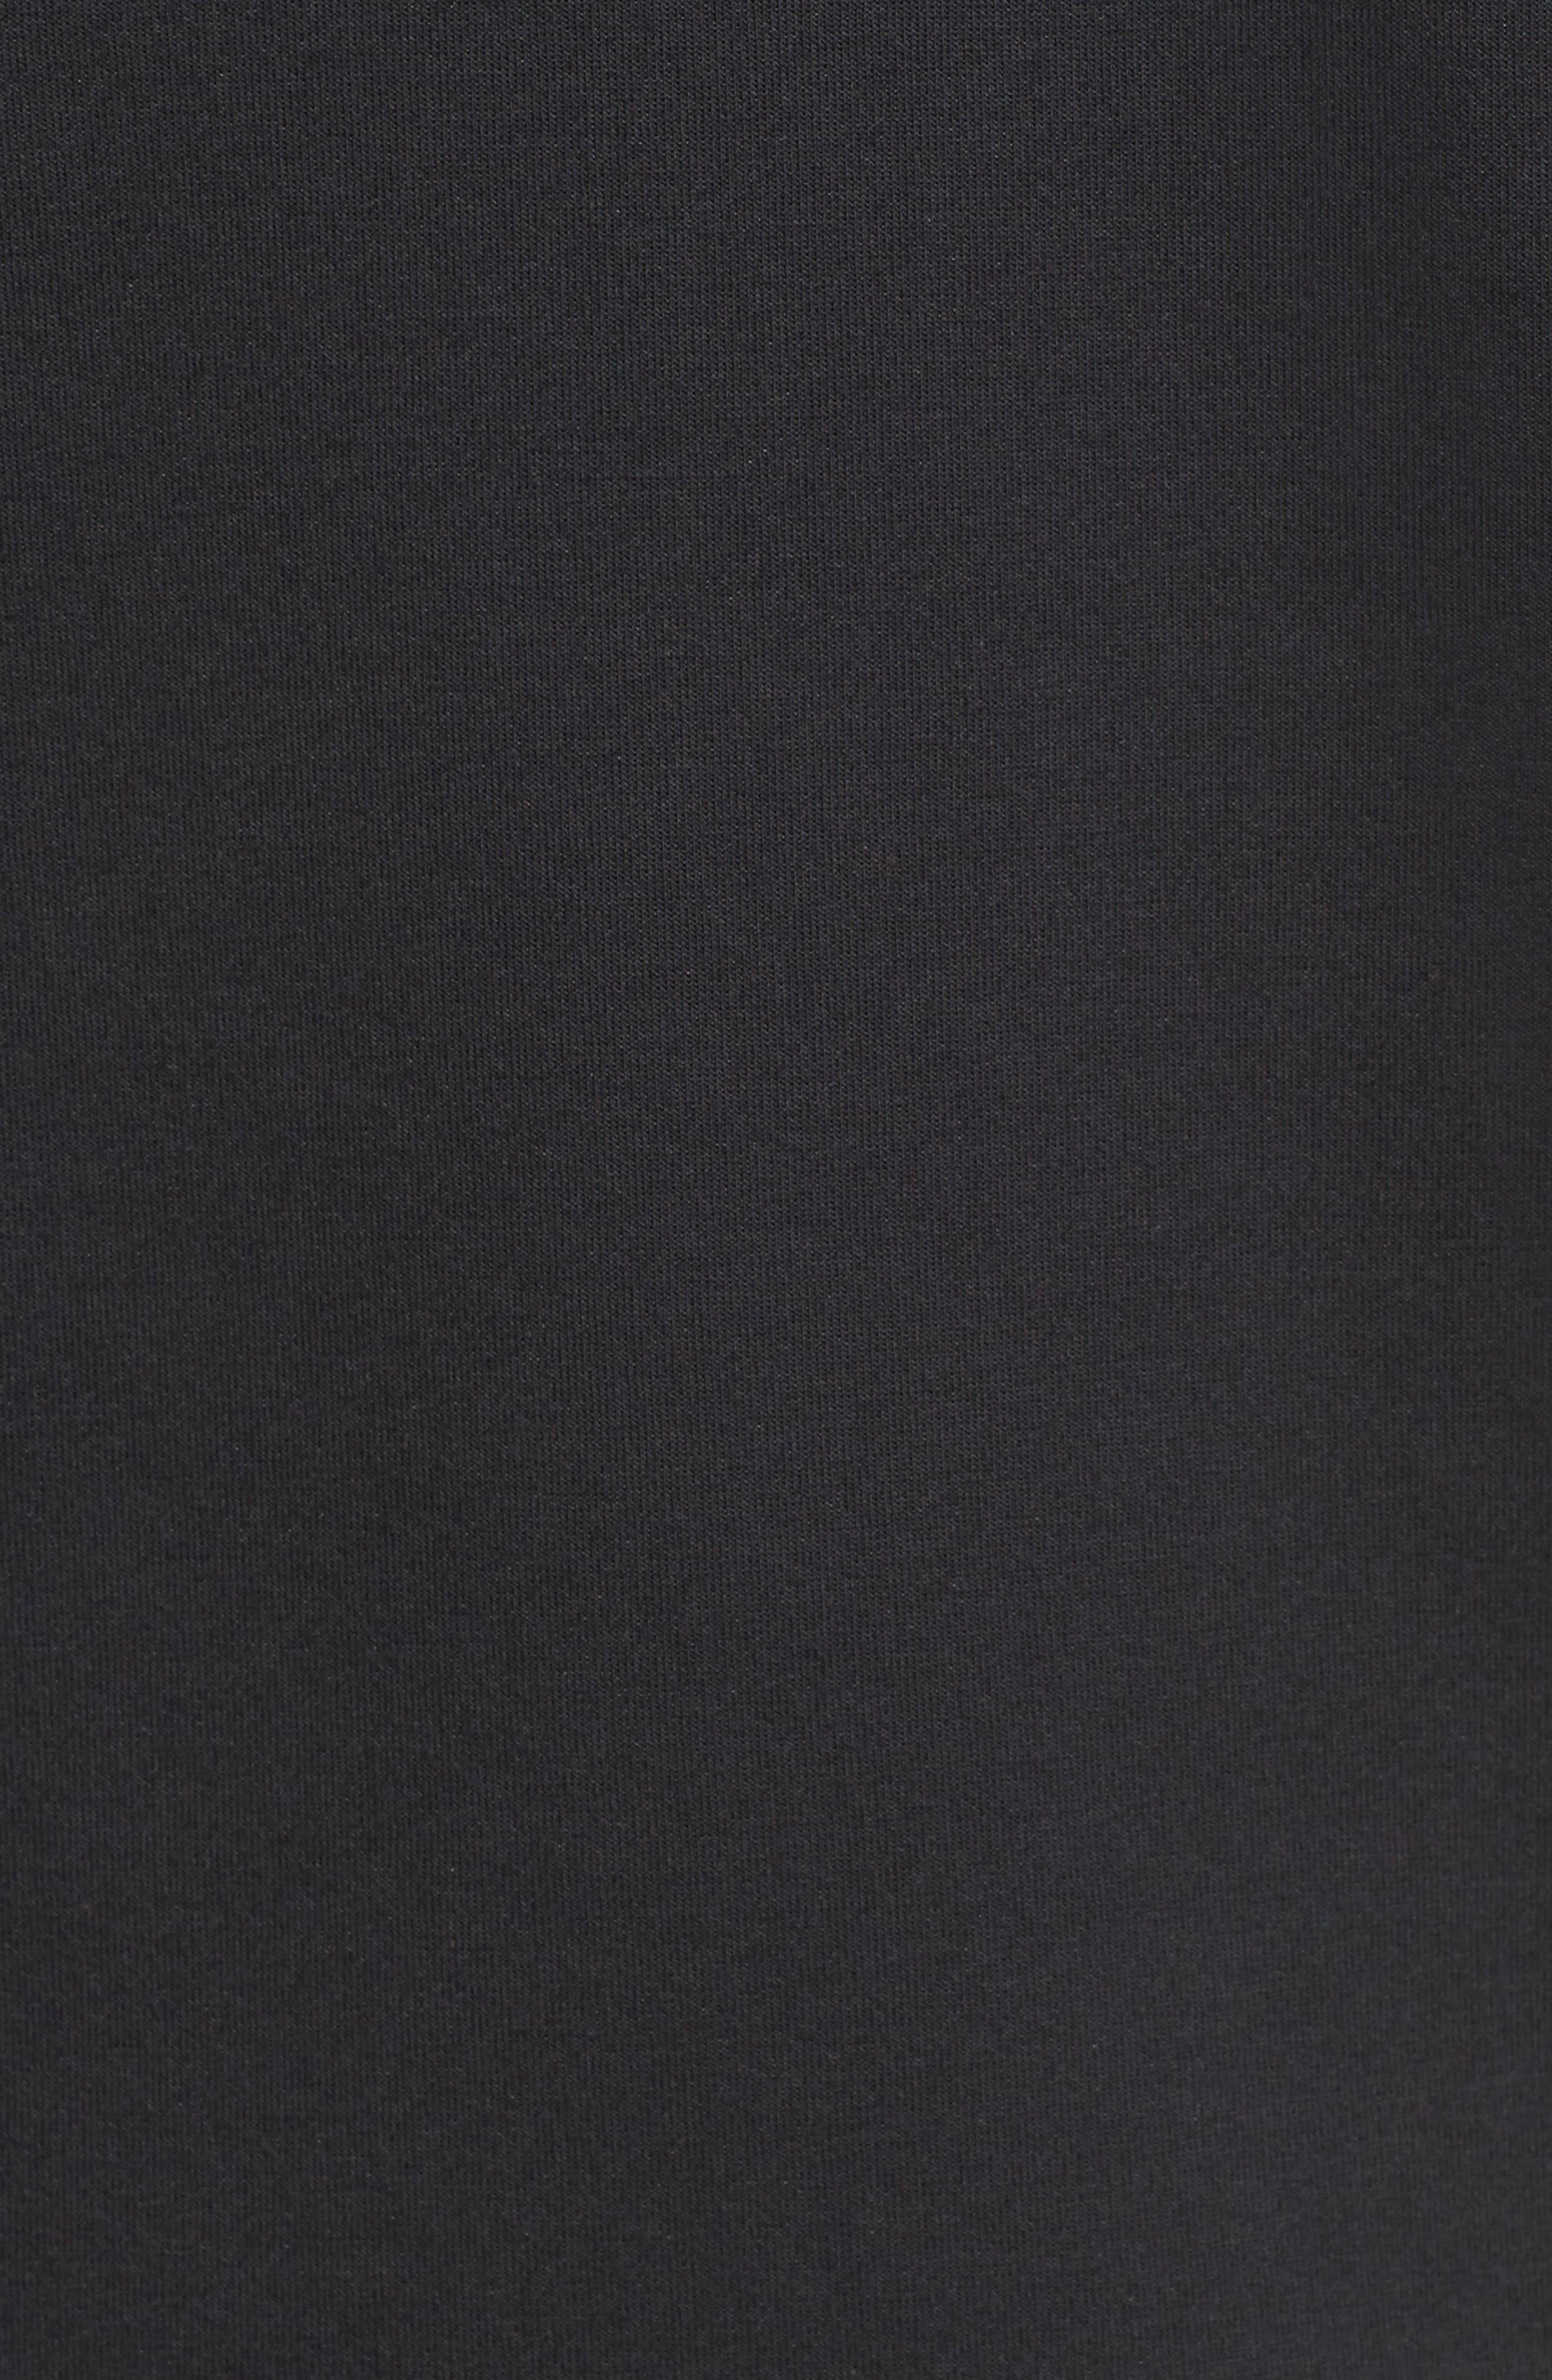 Half-Zip Pullover Hoodie,                             Alternate thumbnail 5, color,                             Black/ Black/ Black